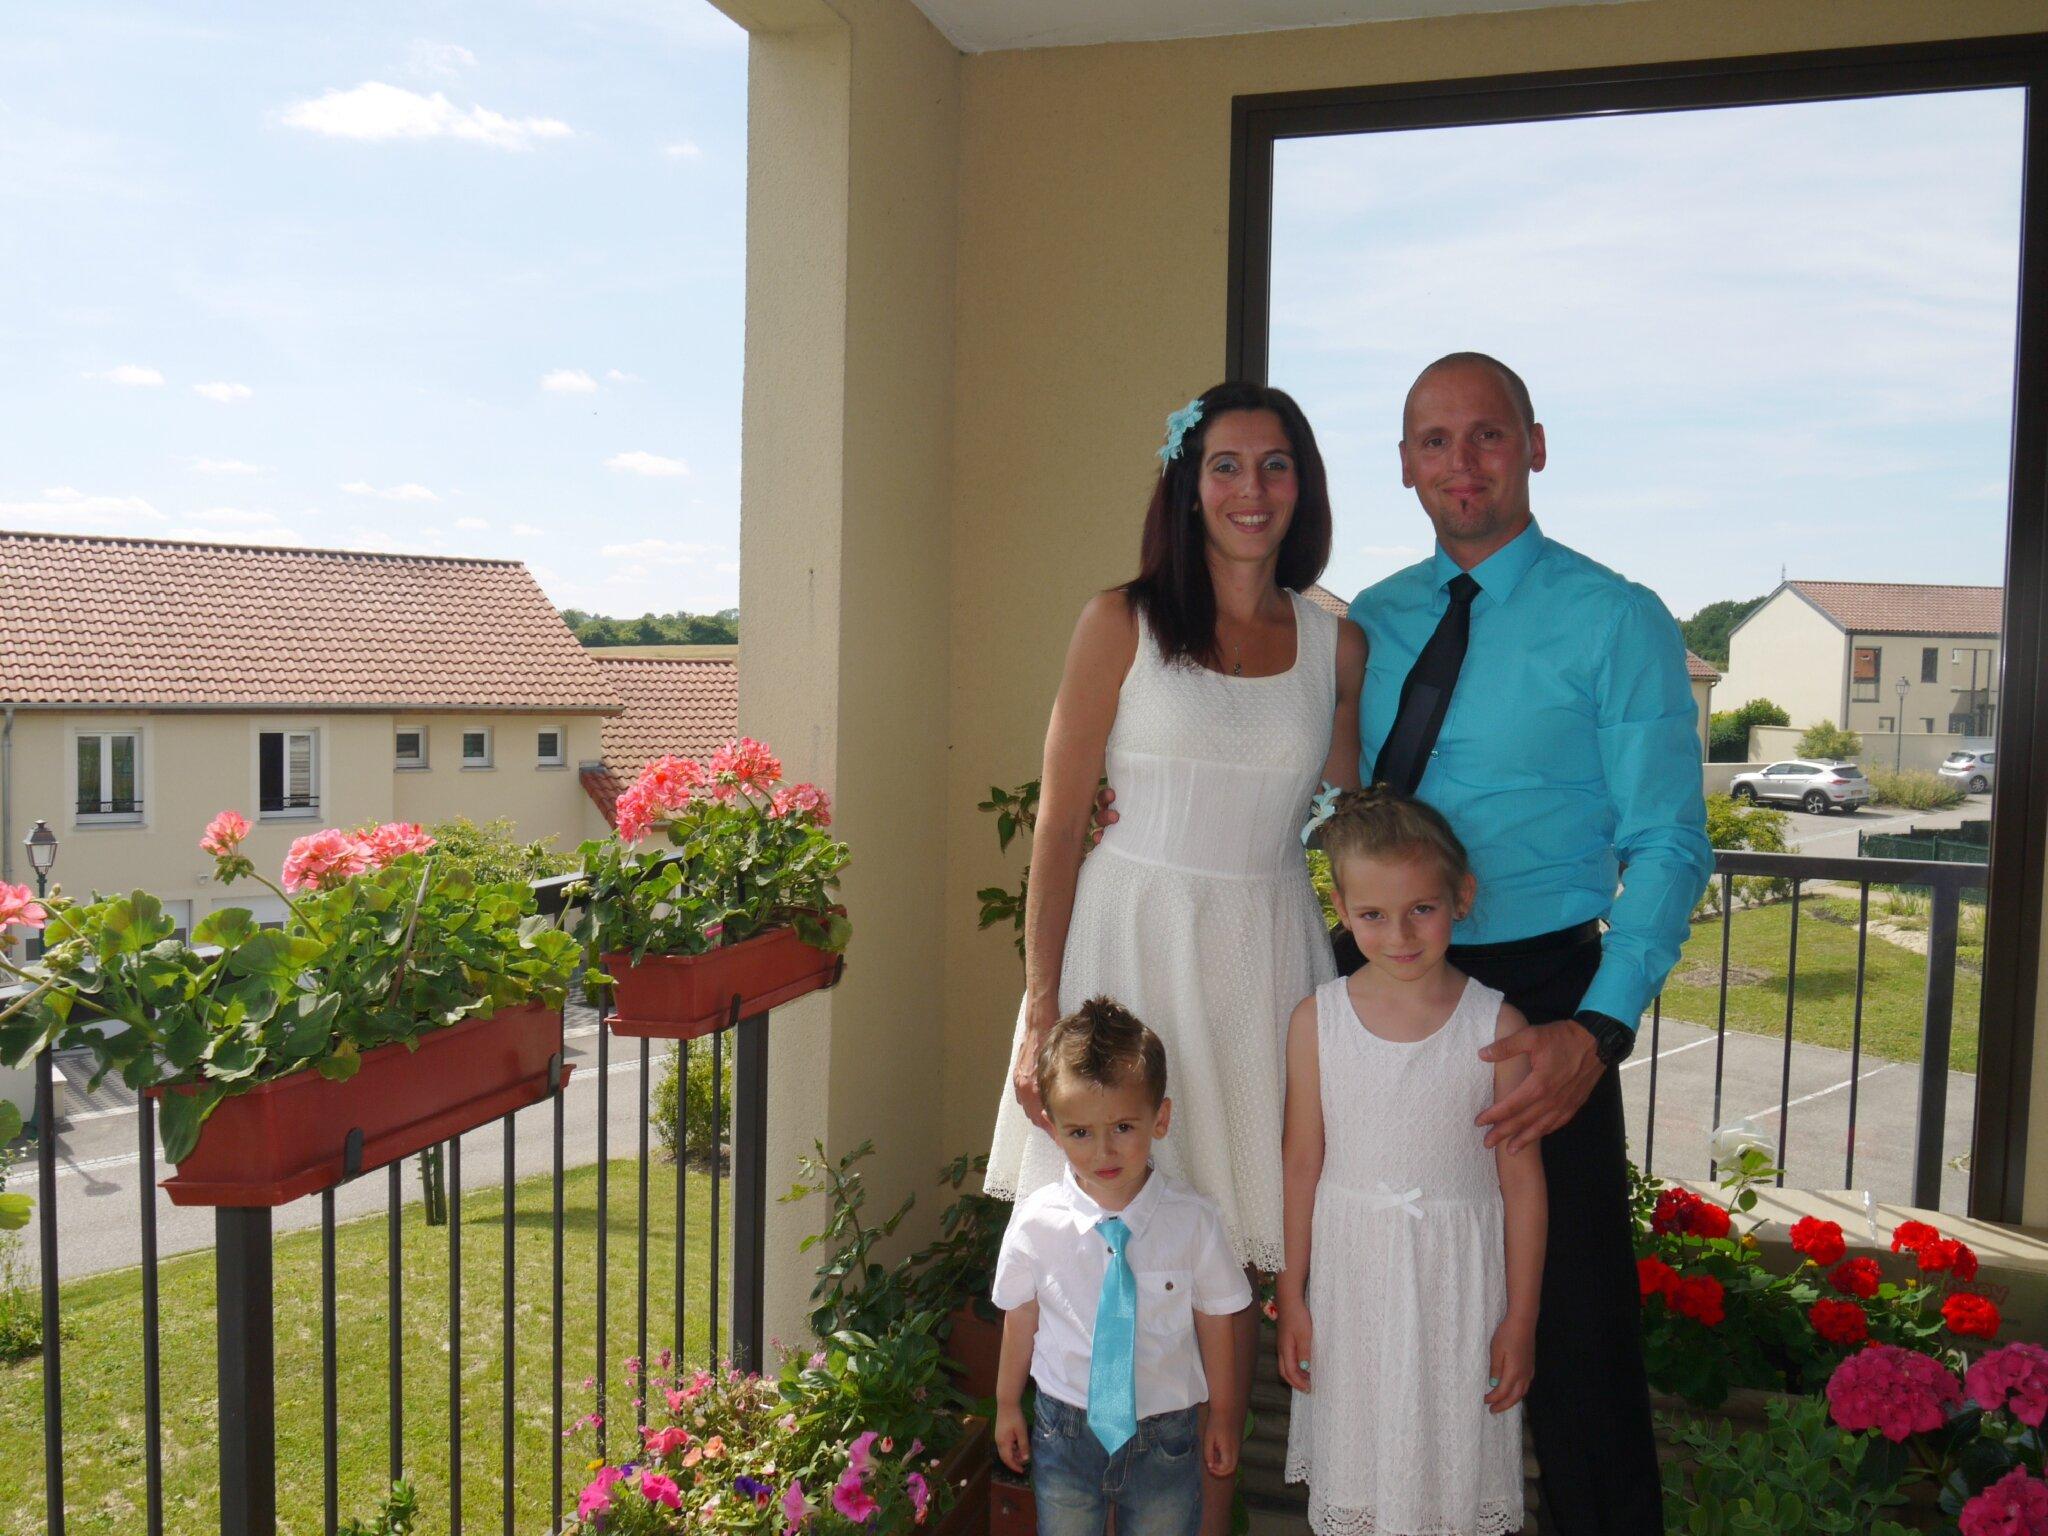 Le 9 juillet dernier il y a eu un beau mariage notre petite vie dans la ni vre - 65 ans de mariage noce de quoi ...